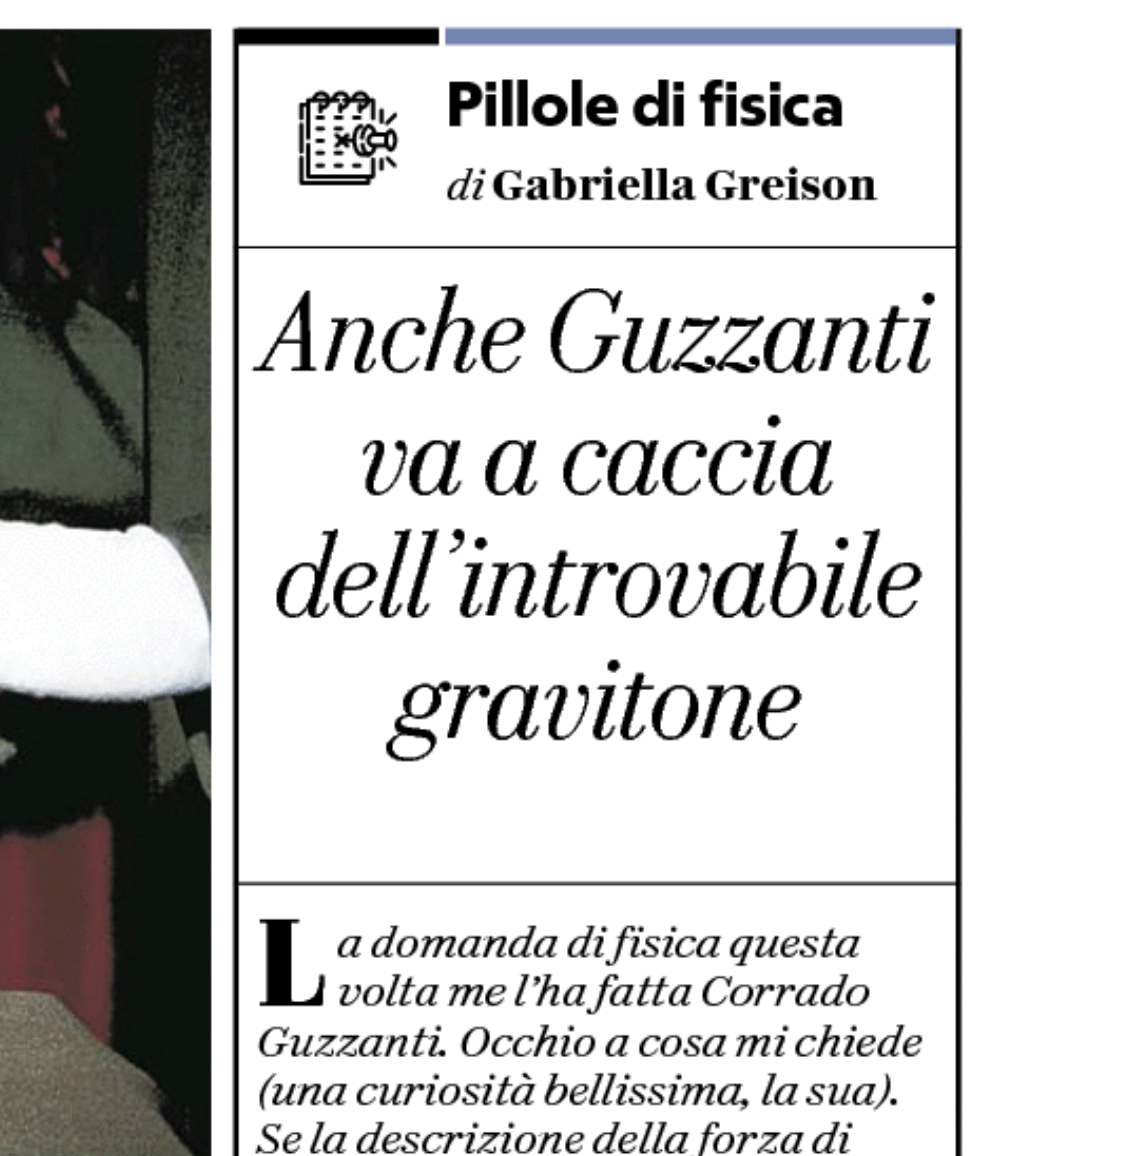 Oggi su Repubblica nuova puntata delle mie PILLOLE DI FISICA…rispondo a una domanda di Corrado Guzzanti!